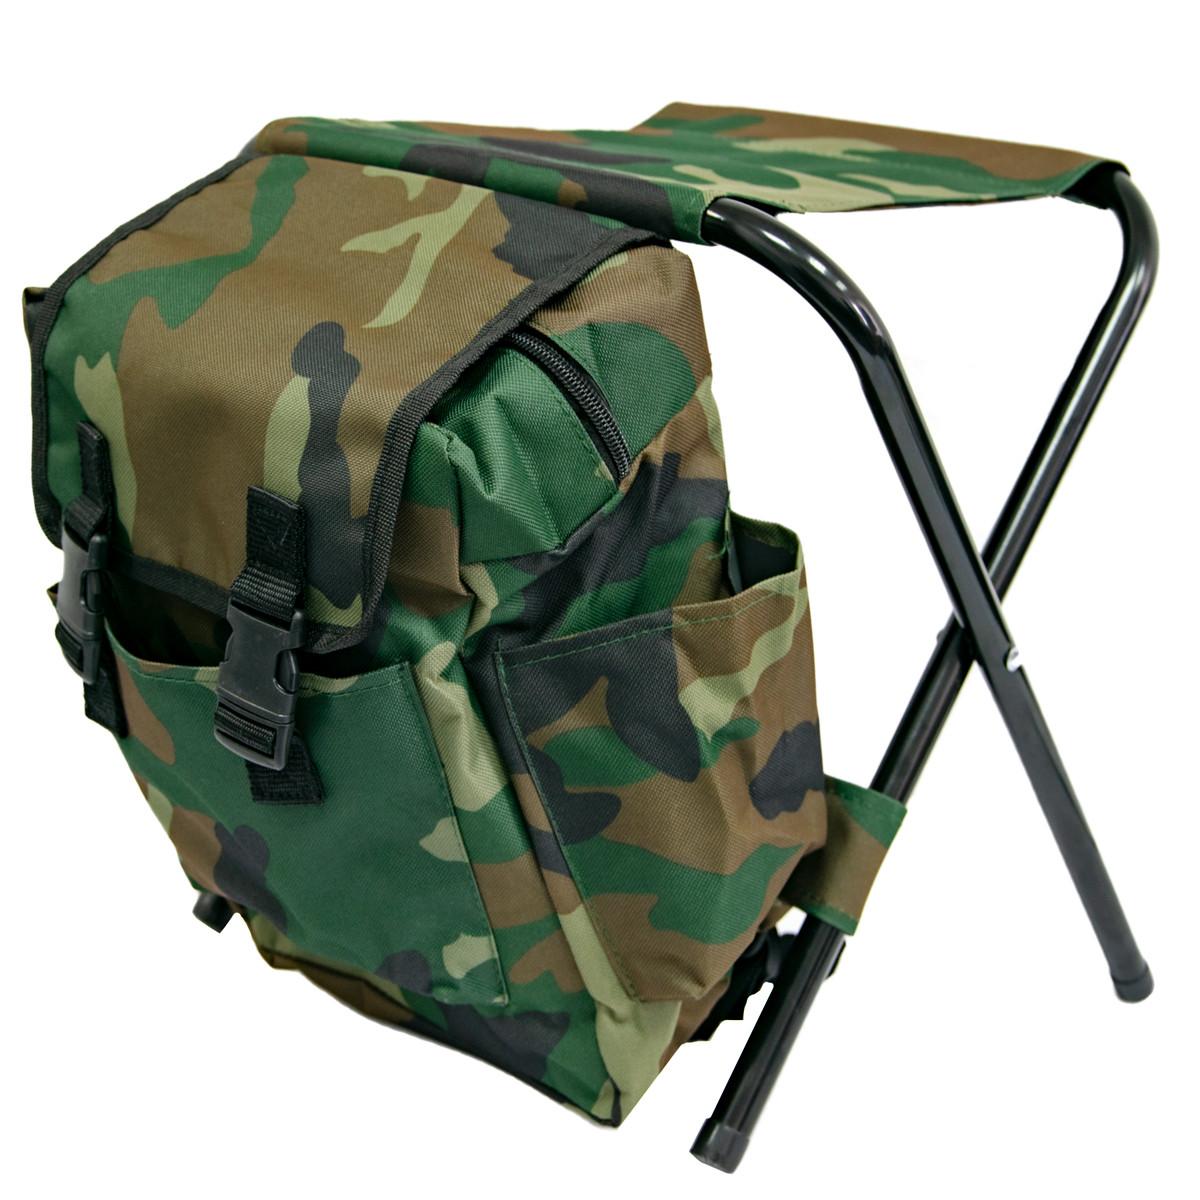 Розкладний стілець рюкзак для рибалки 35х34см Хакі, стілець розкладний туристичний |розкладний стільчик